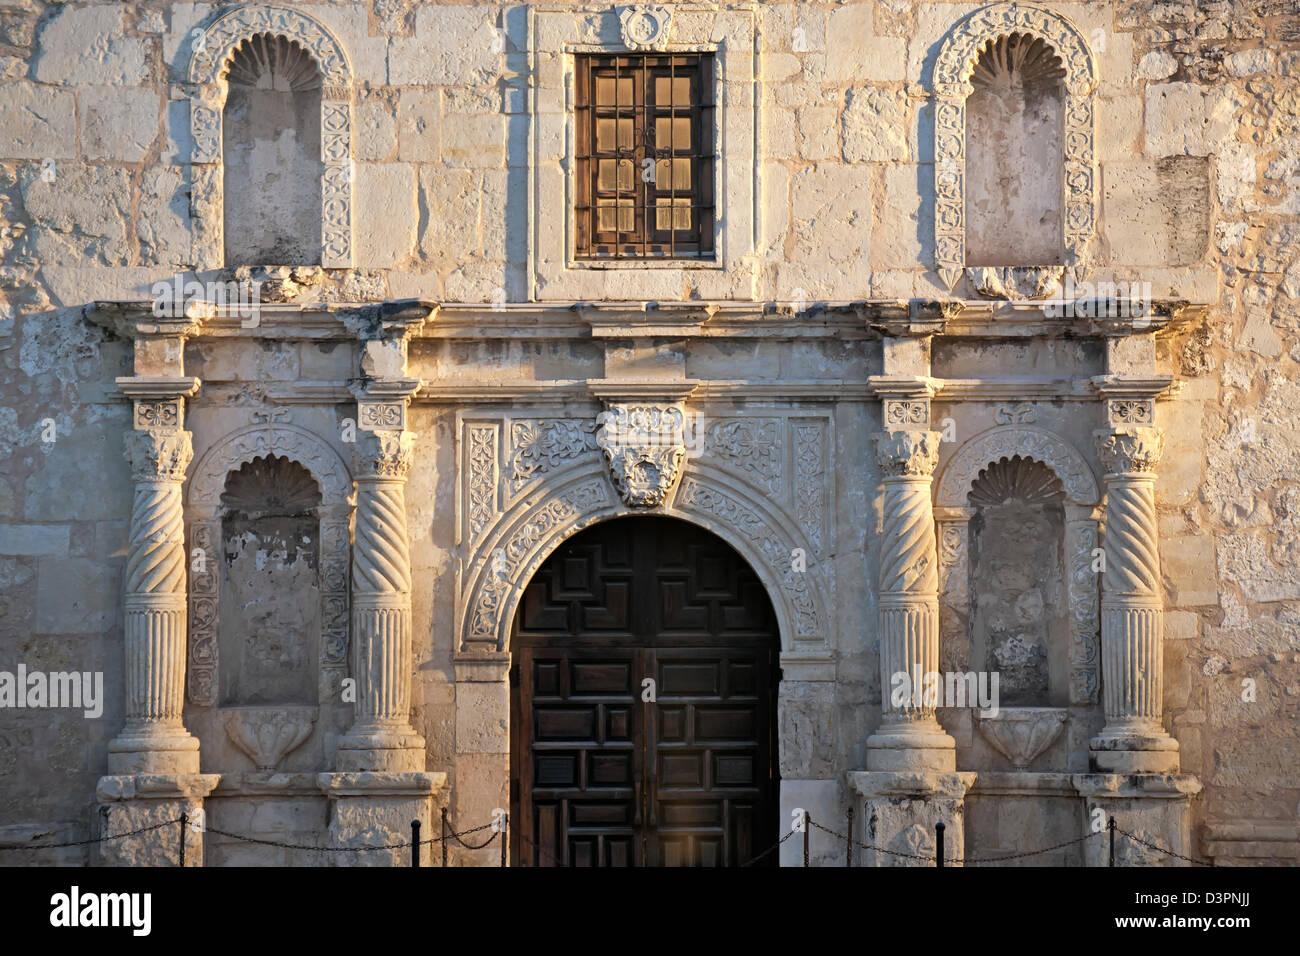 Entrance, The Alamo (Mission San Antonio de Valero), San Antonio, Texas USA - Stock Image